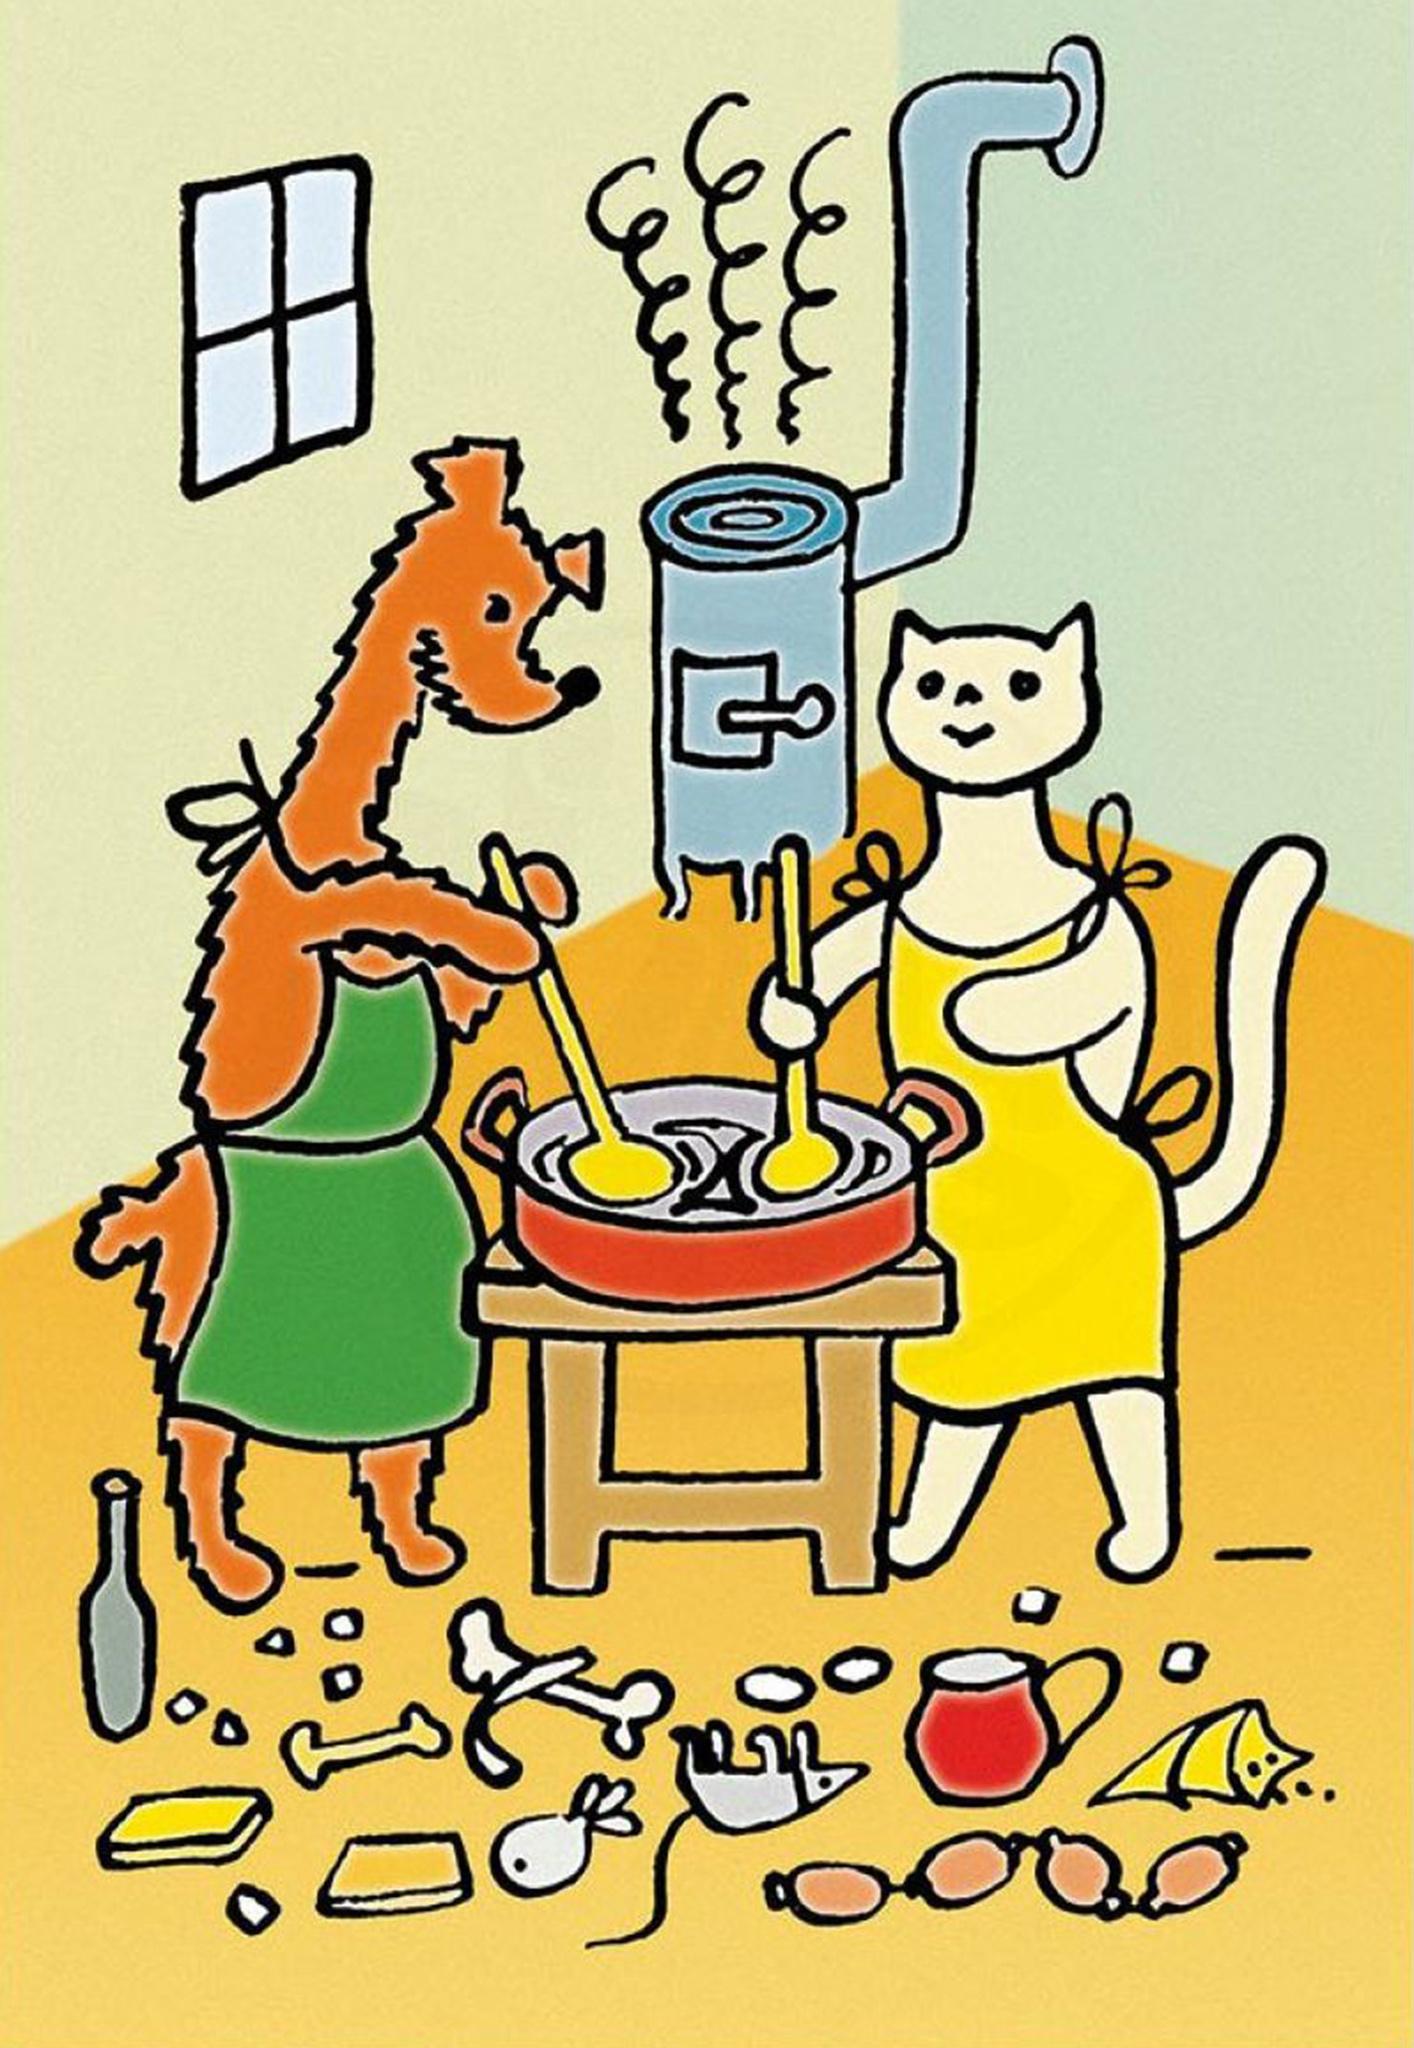 Pejsek a kočička vaří liberální demokracii